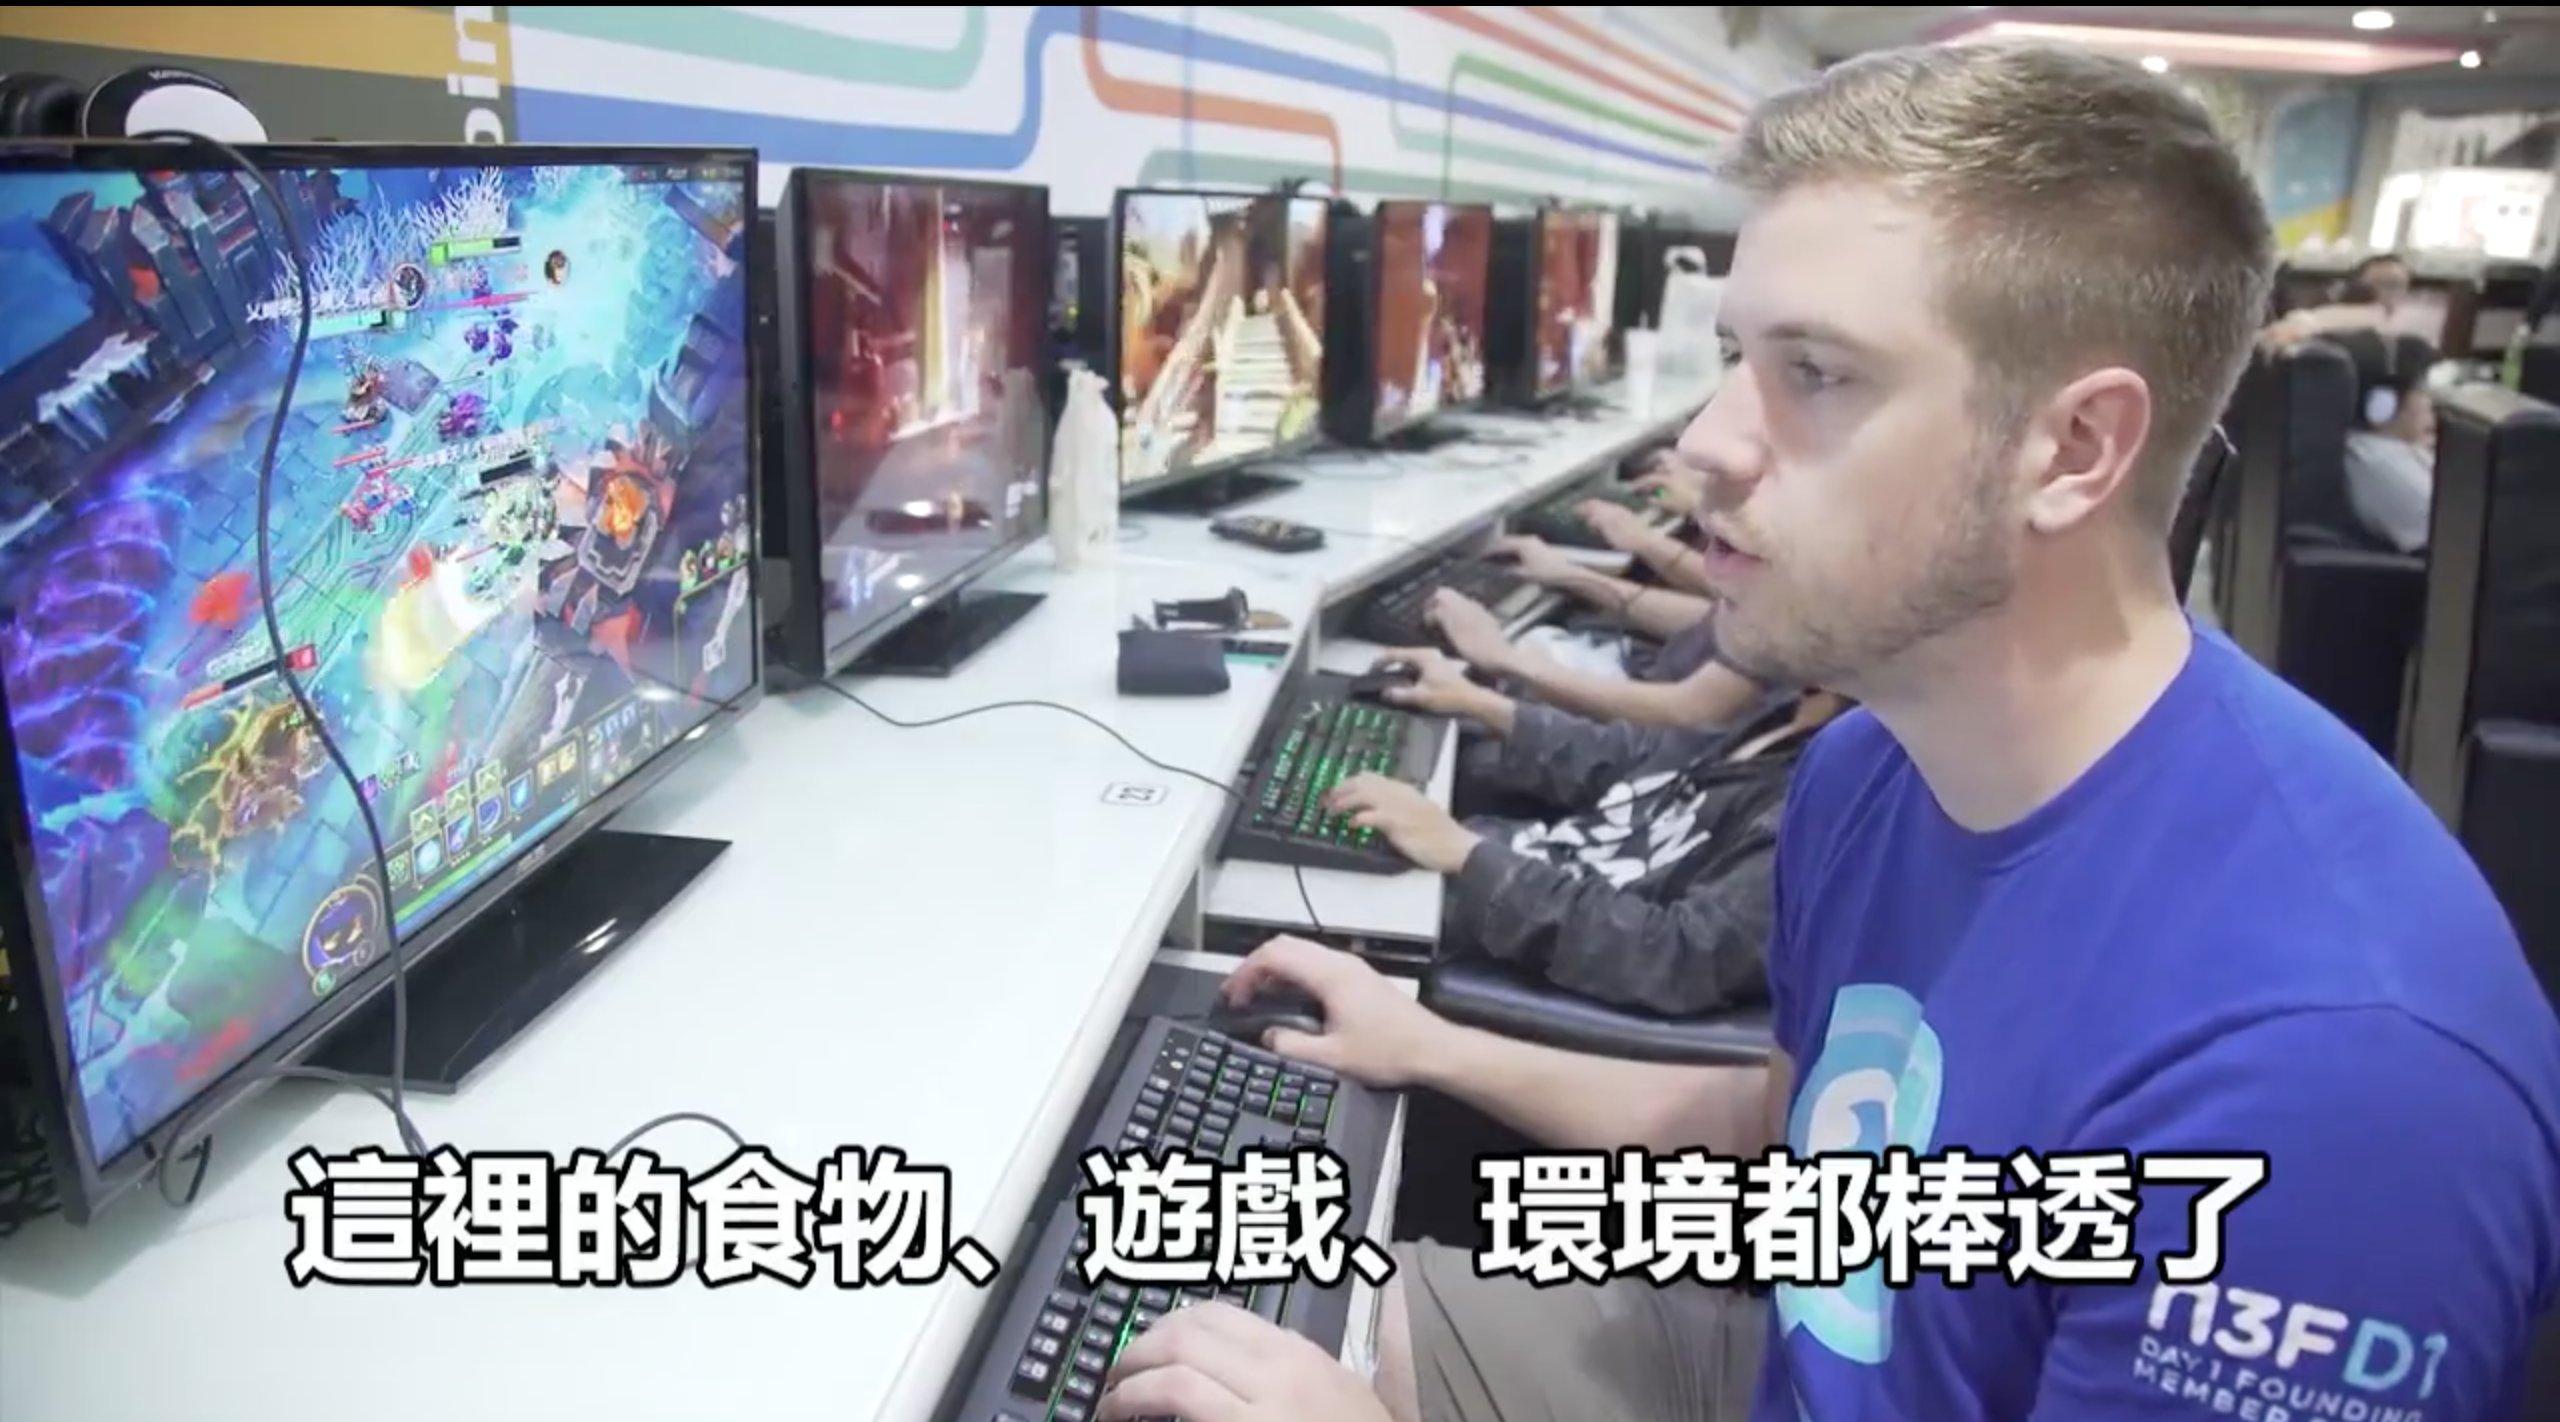 e89ea2e5b995e5bfabe785a7 2017 12 05 e4b88be58d8812 38 13 2.png?resize=648,365 - 外國人眼裡的網咖 究竟是台灣之恥還是台灣之光?